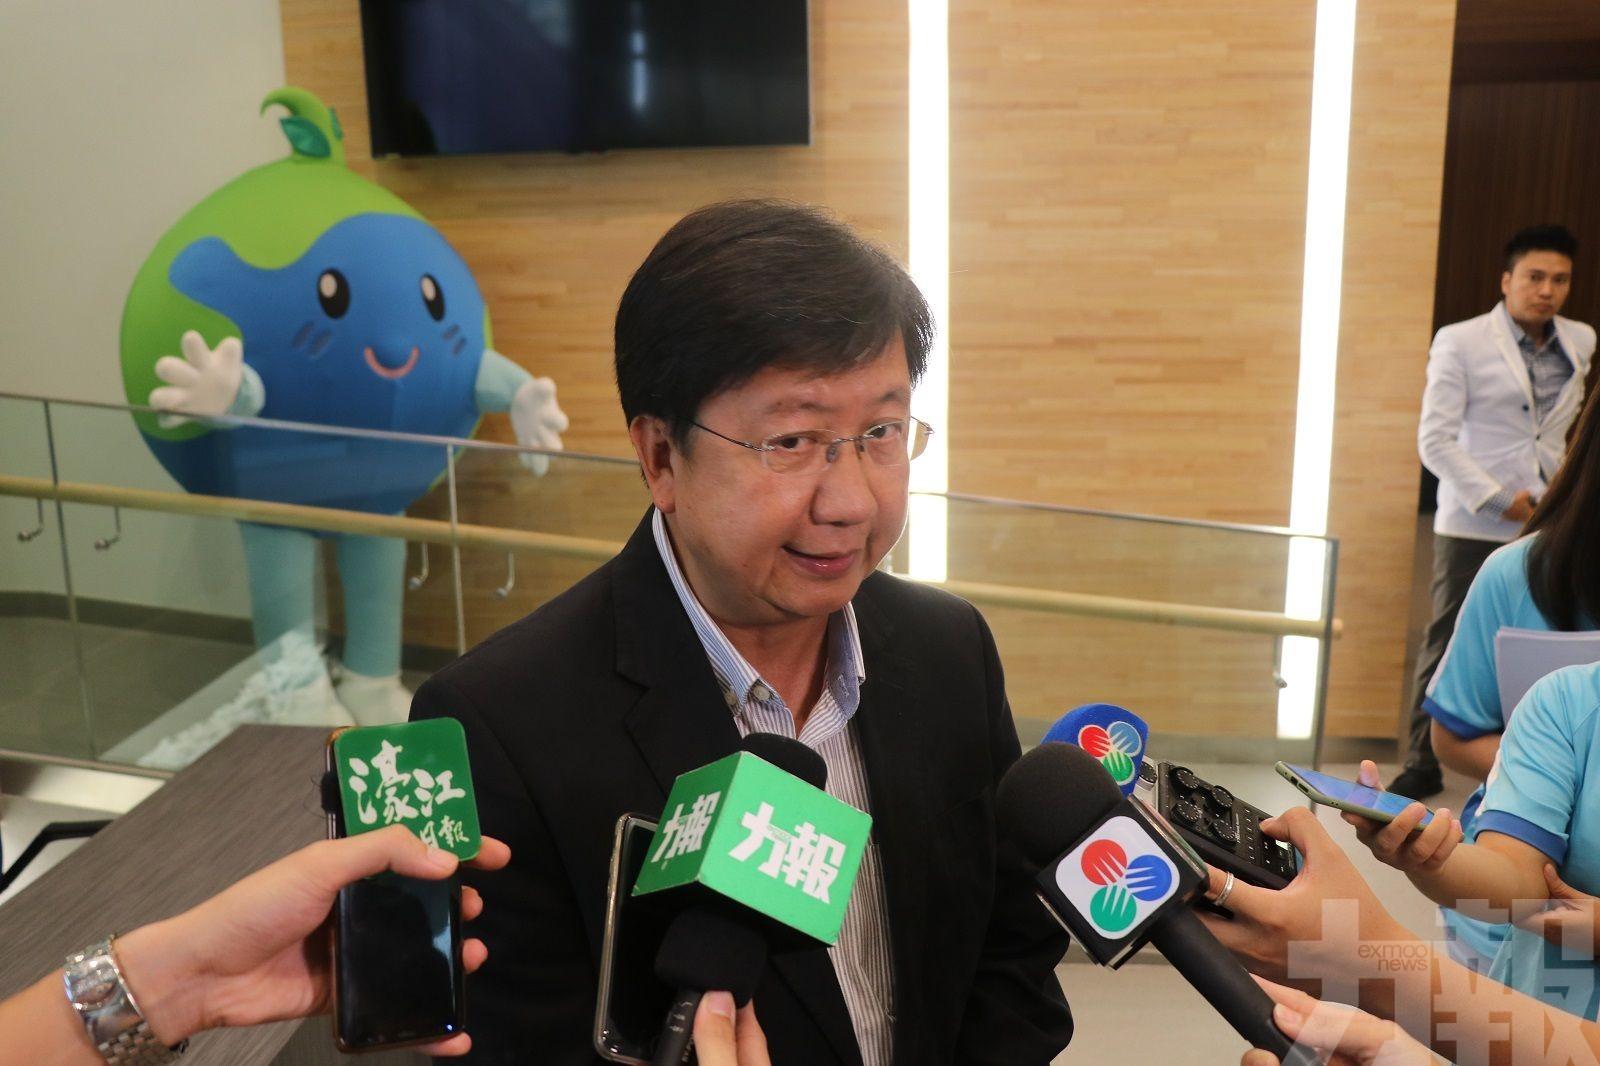 譚偉文:不會因《限塑法》增加人手執法